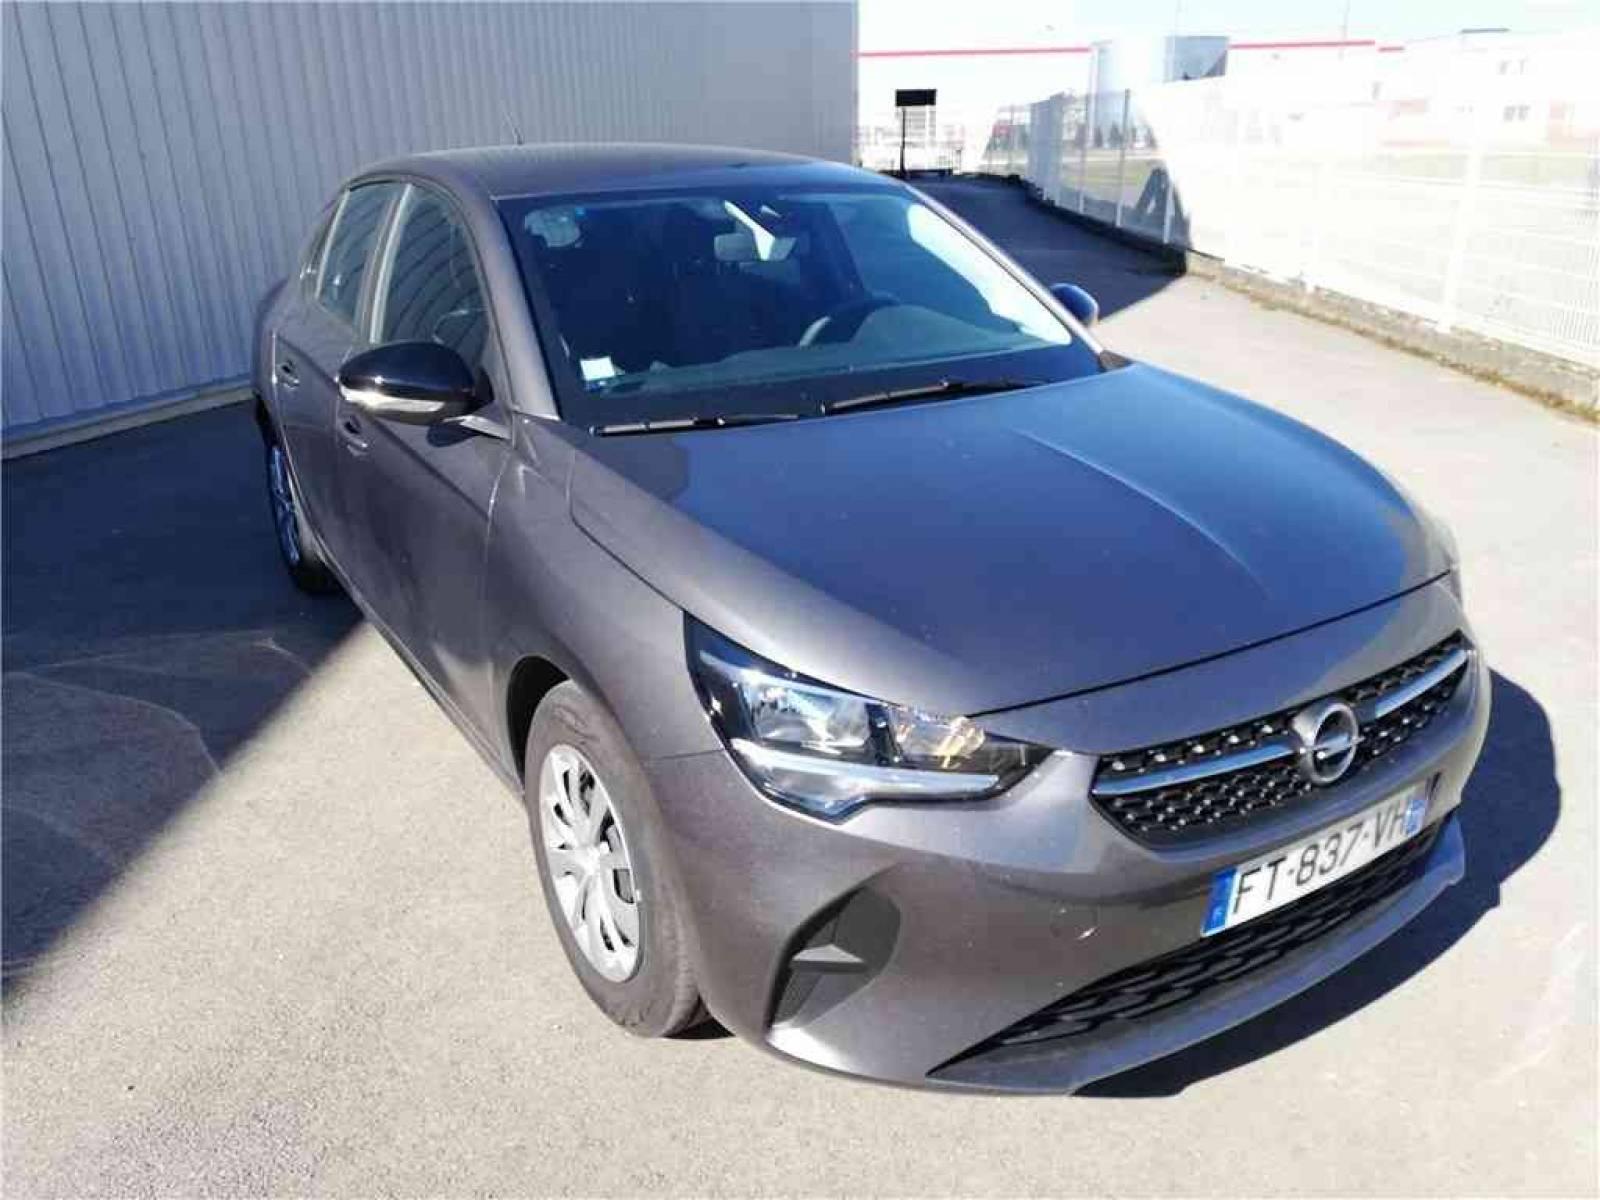 OPEL Corsa 1.2 75 ch BVM5 - véhicule d'occasion - Groupe Guillet - Opel Magicauto - Montceau-les-Mines - 71300 - Montceau-les-Mines - 29